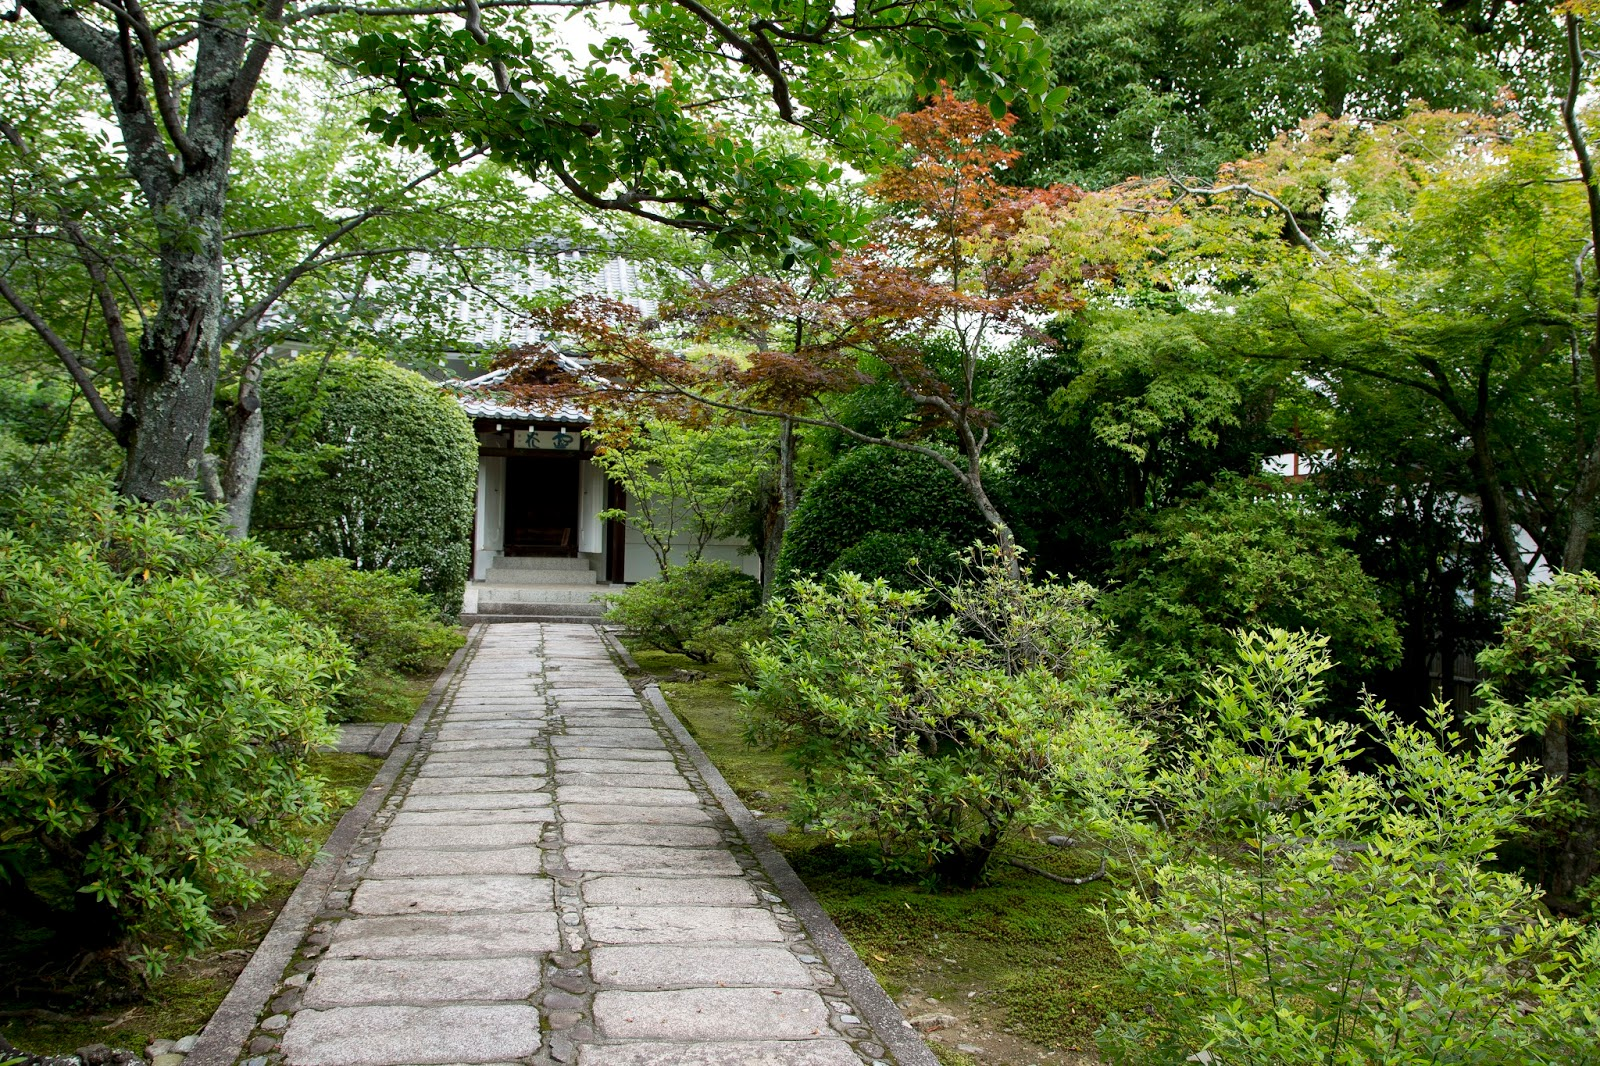 Zen yoga gurdjieff perspectives on inner work inner for Outer garden